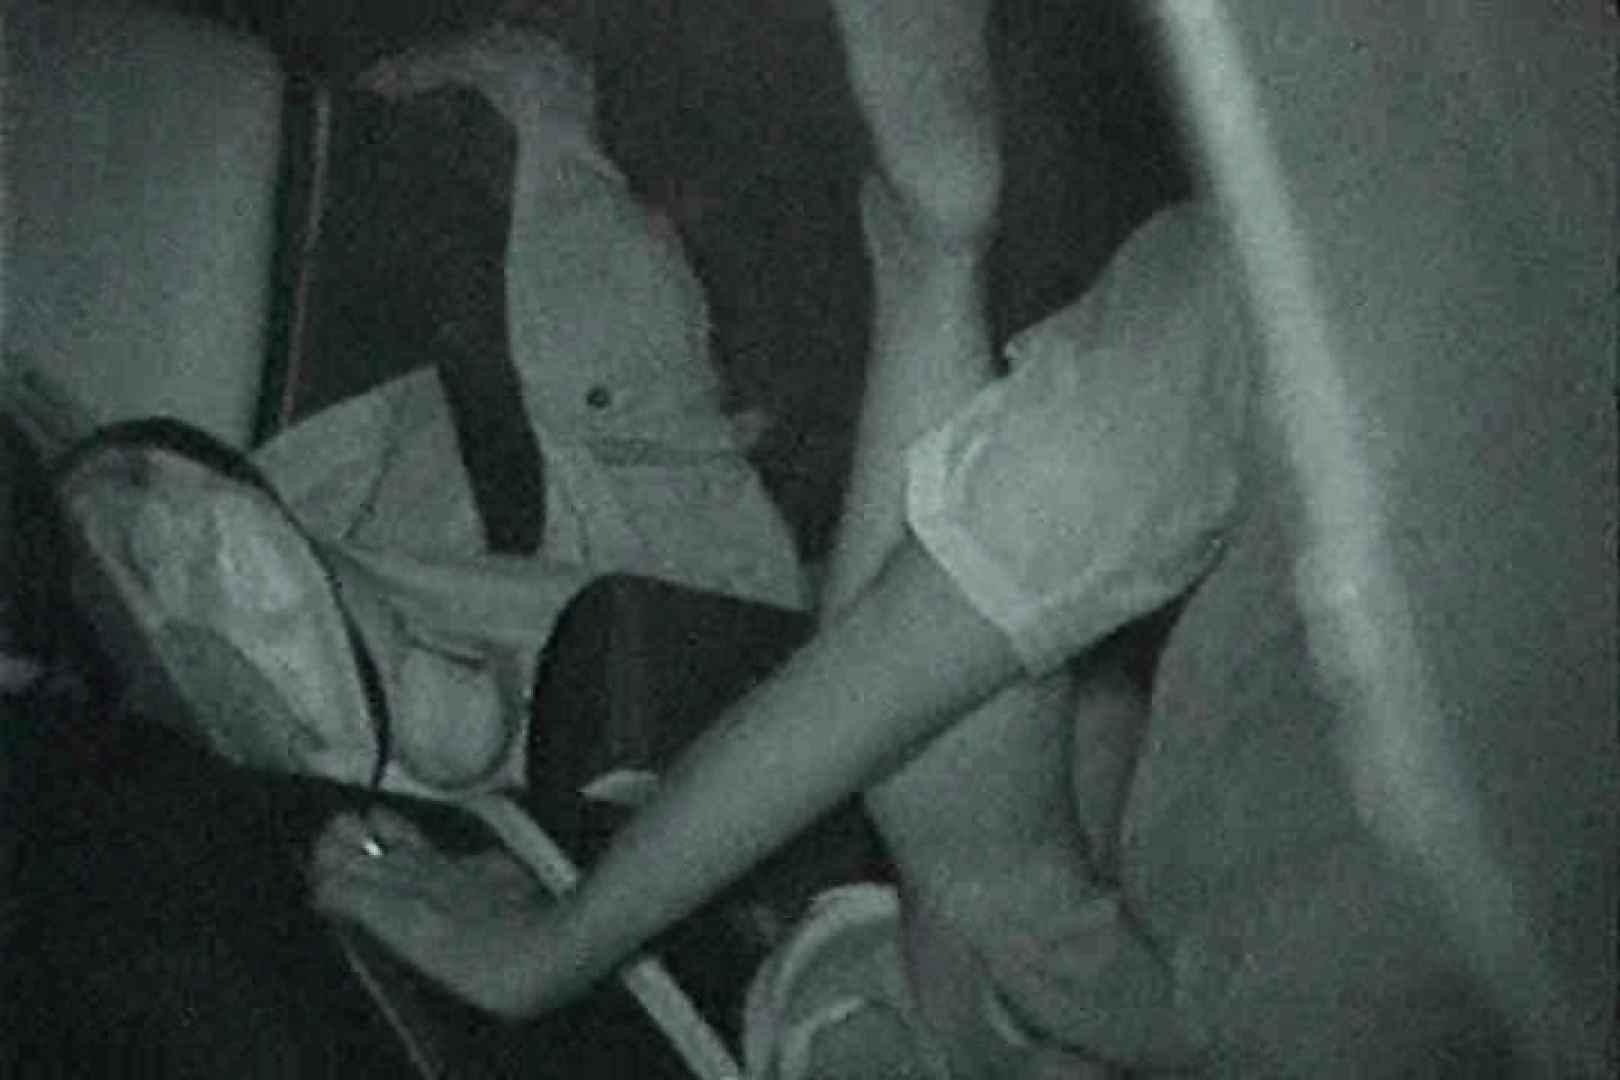 充血監督の深夜の運動会Vol.25 素人流出 | カップルのセックス  95PIX 41